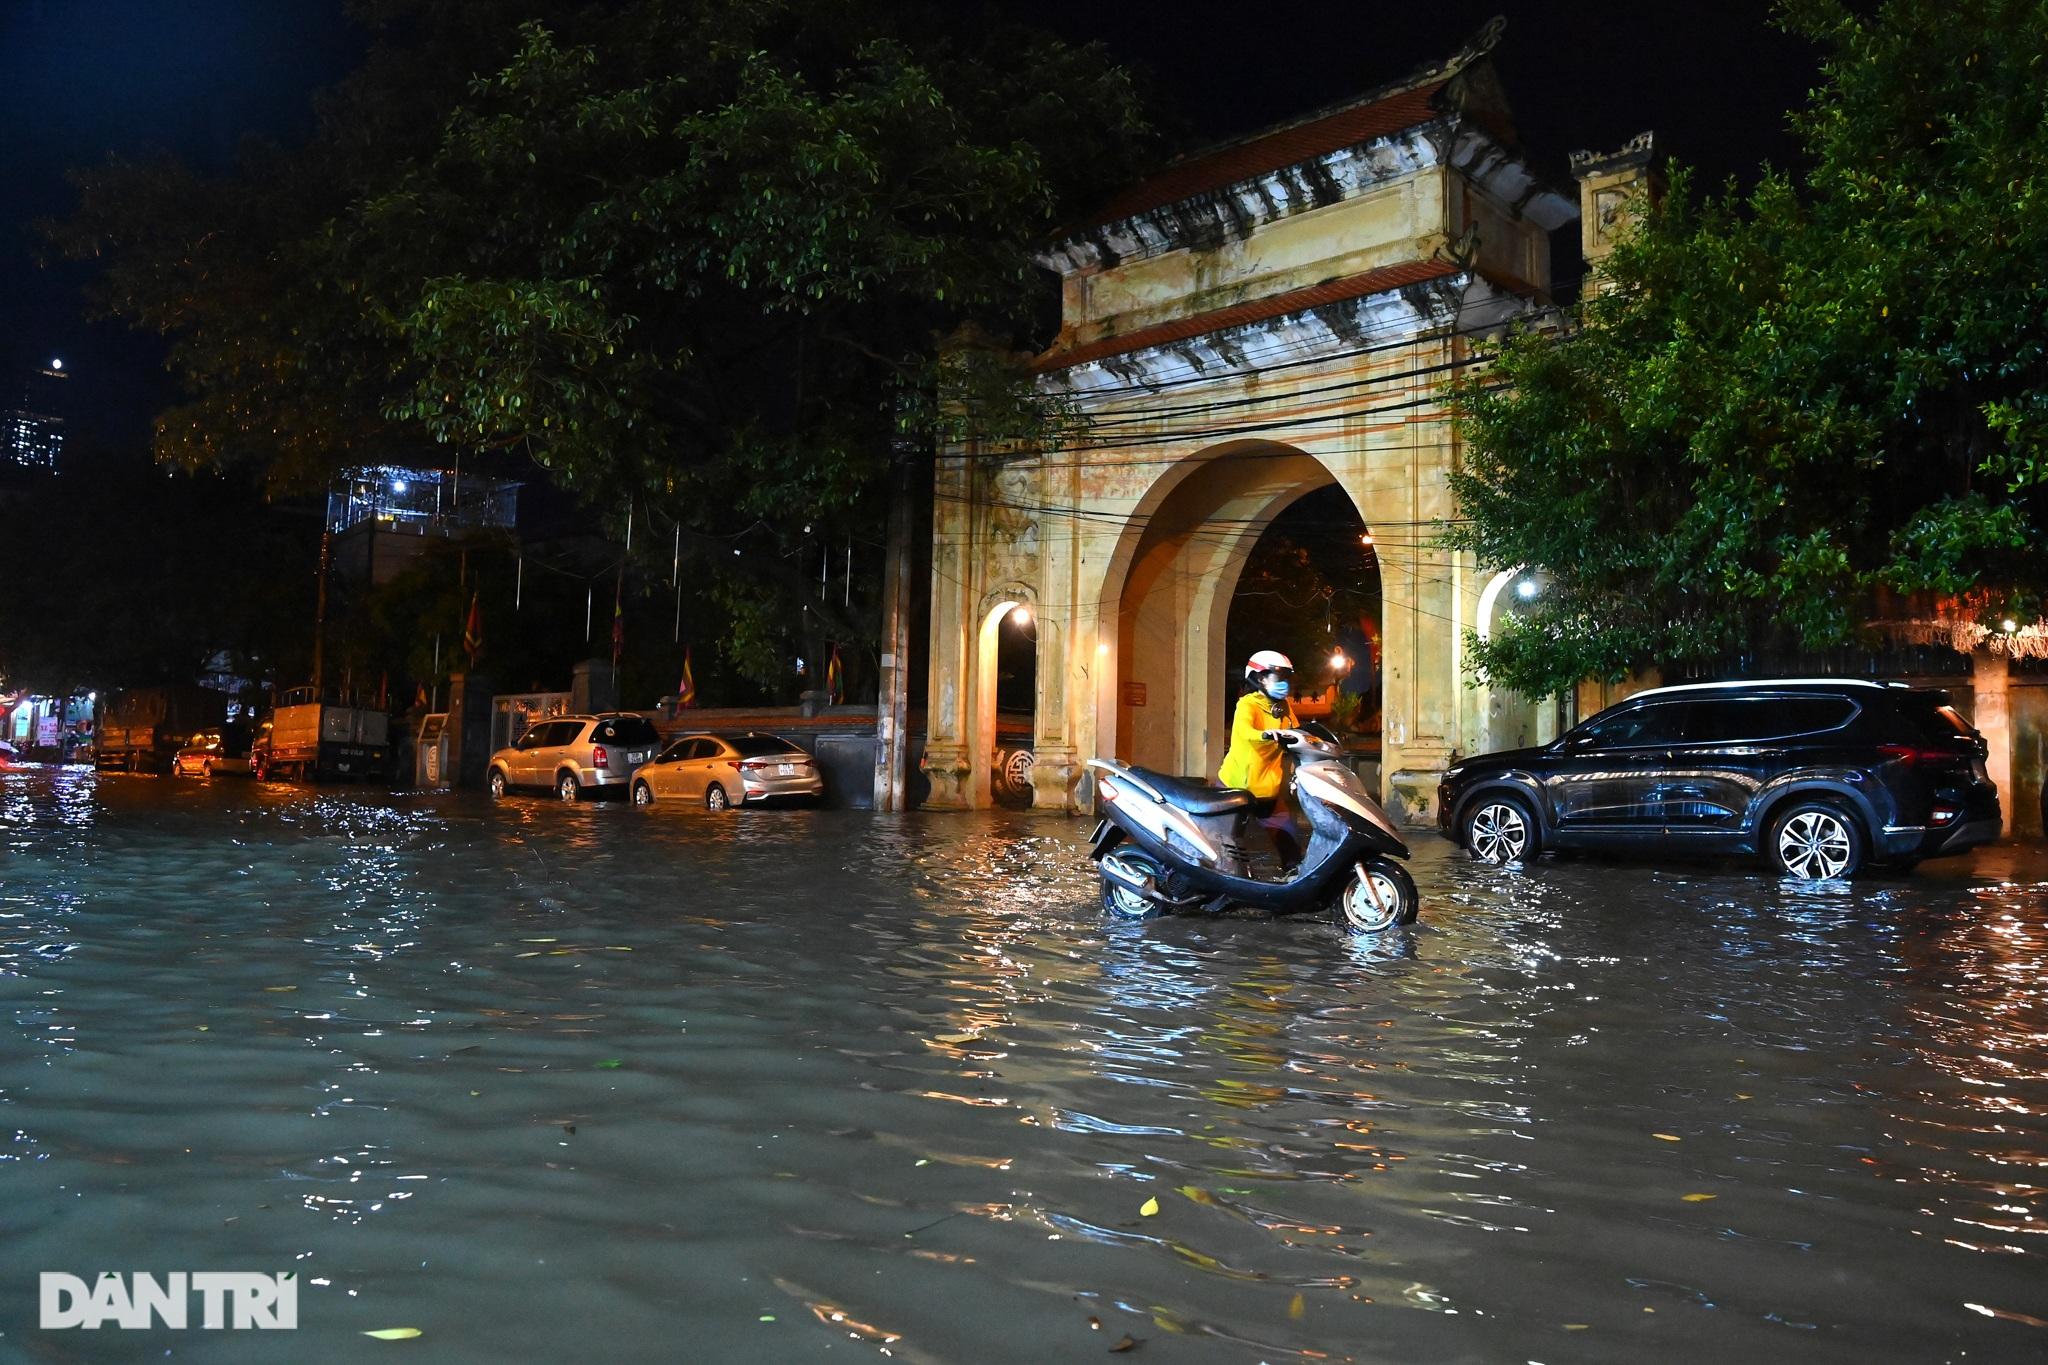 Hà Nội ngập sâu trong nước sau cơn mưa ngắn chưa đầy 1 tiếng đồng hồ - 23